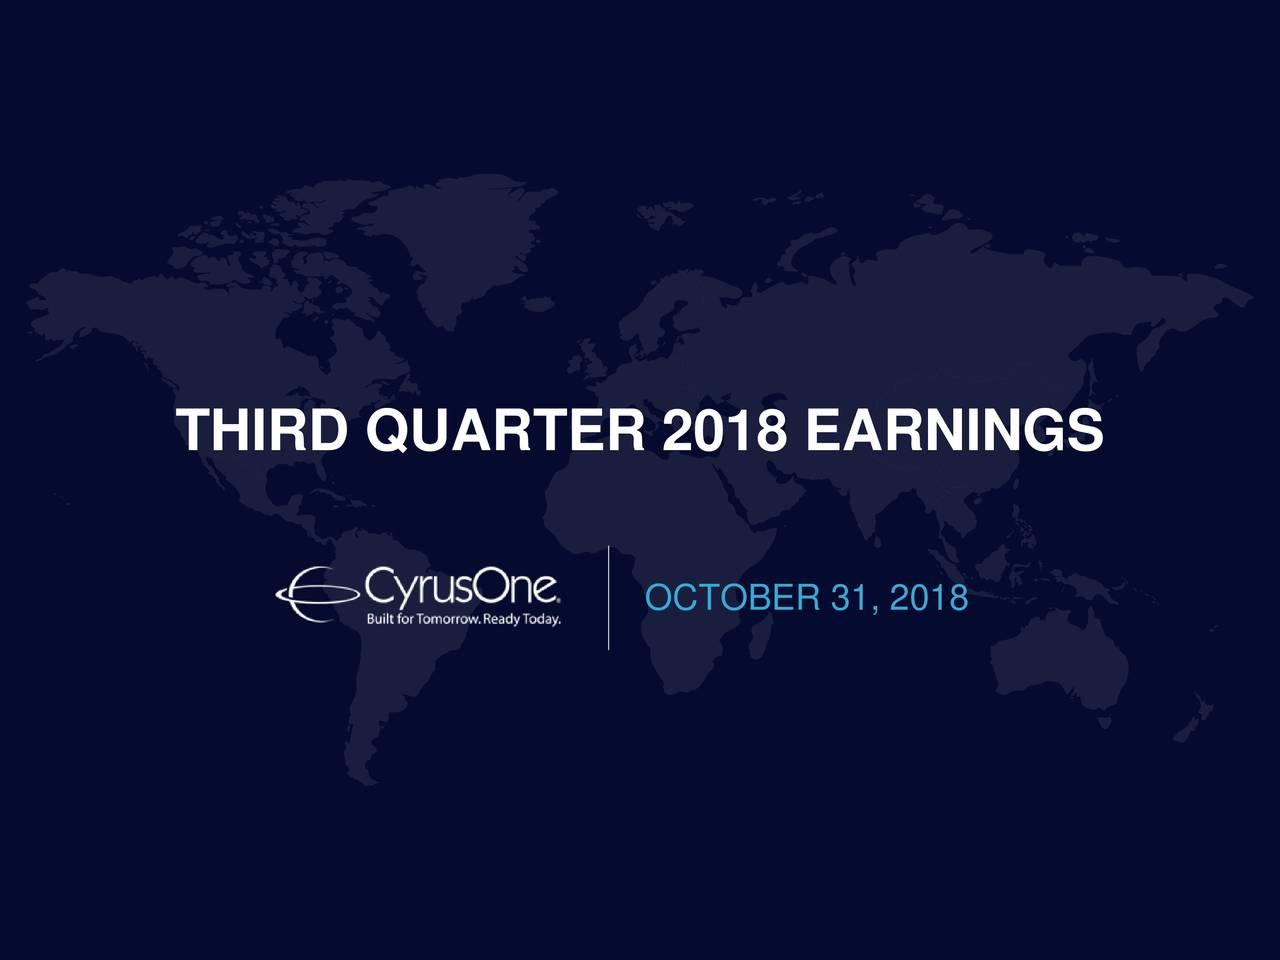 OCTOBER 31, 2018